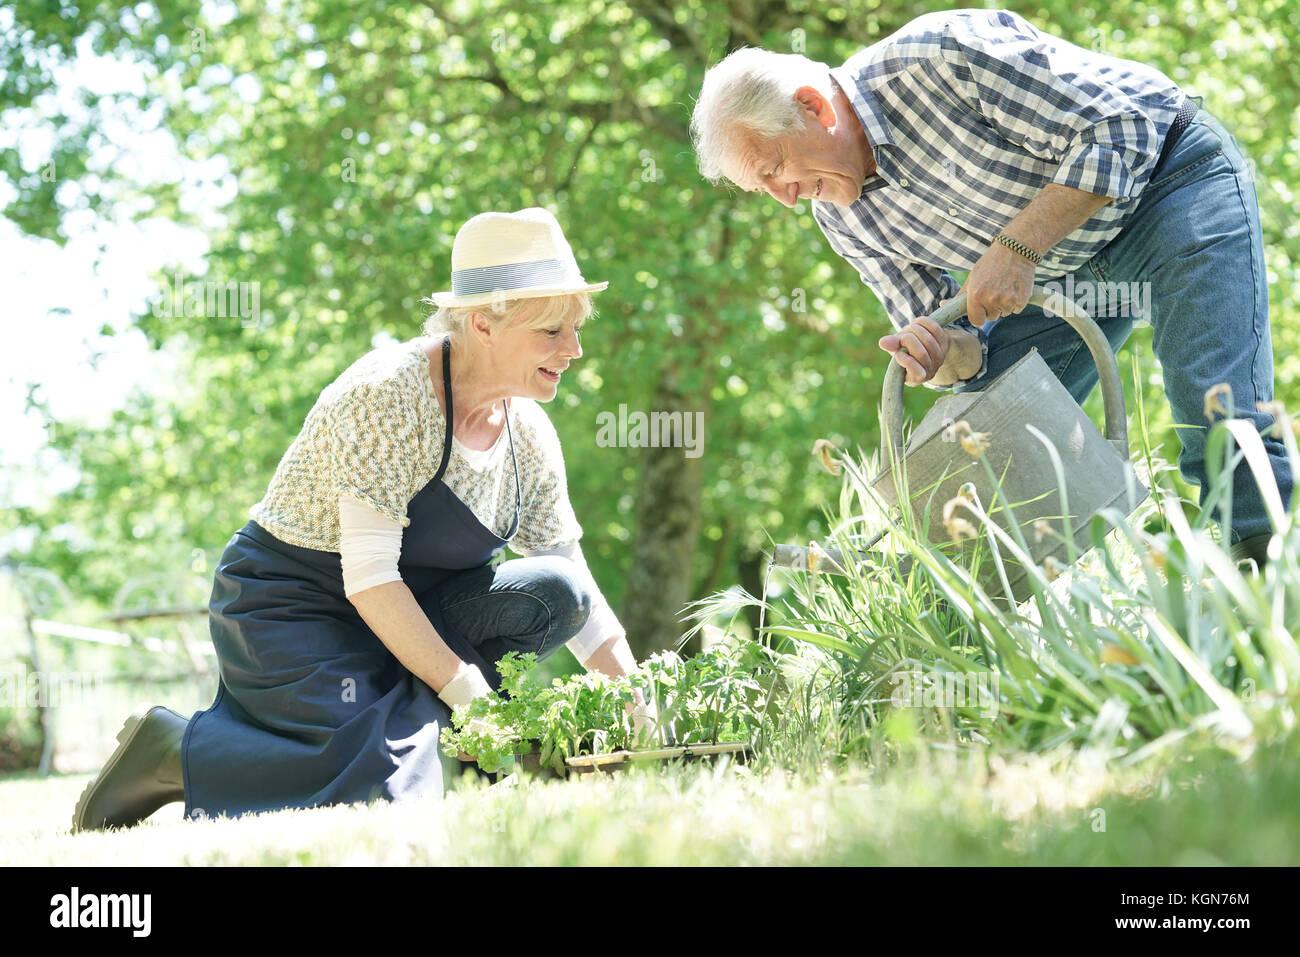 Senior couple gardening together - Stock Image